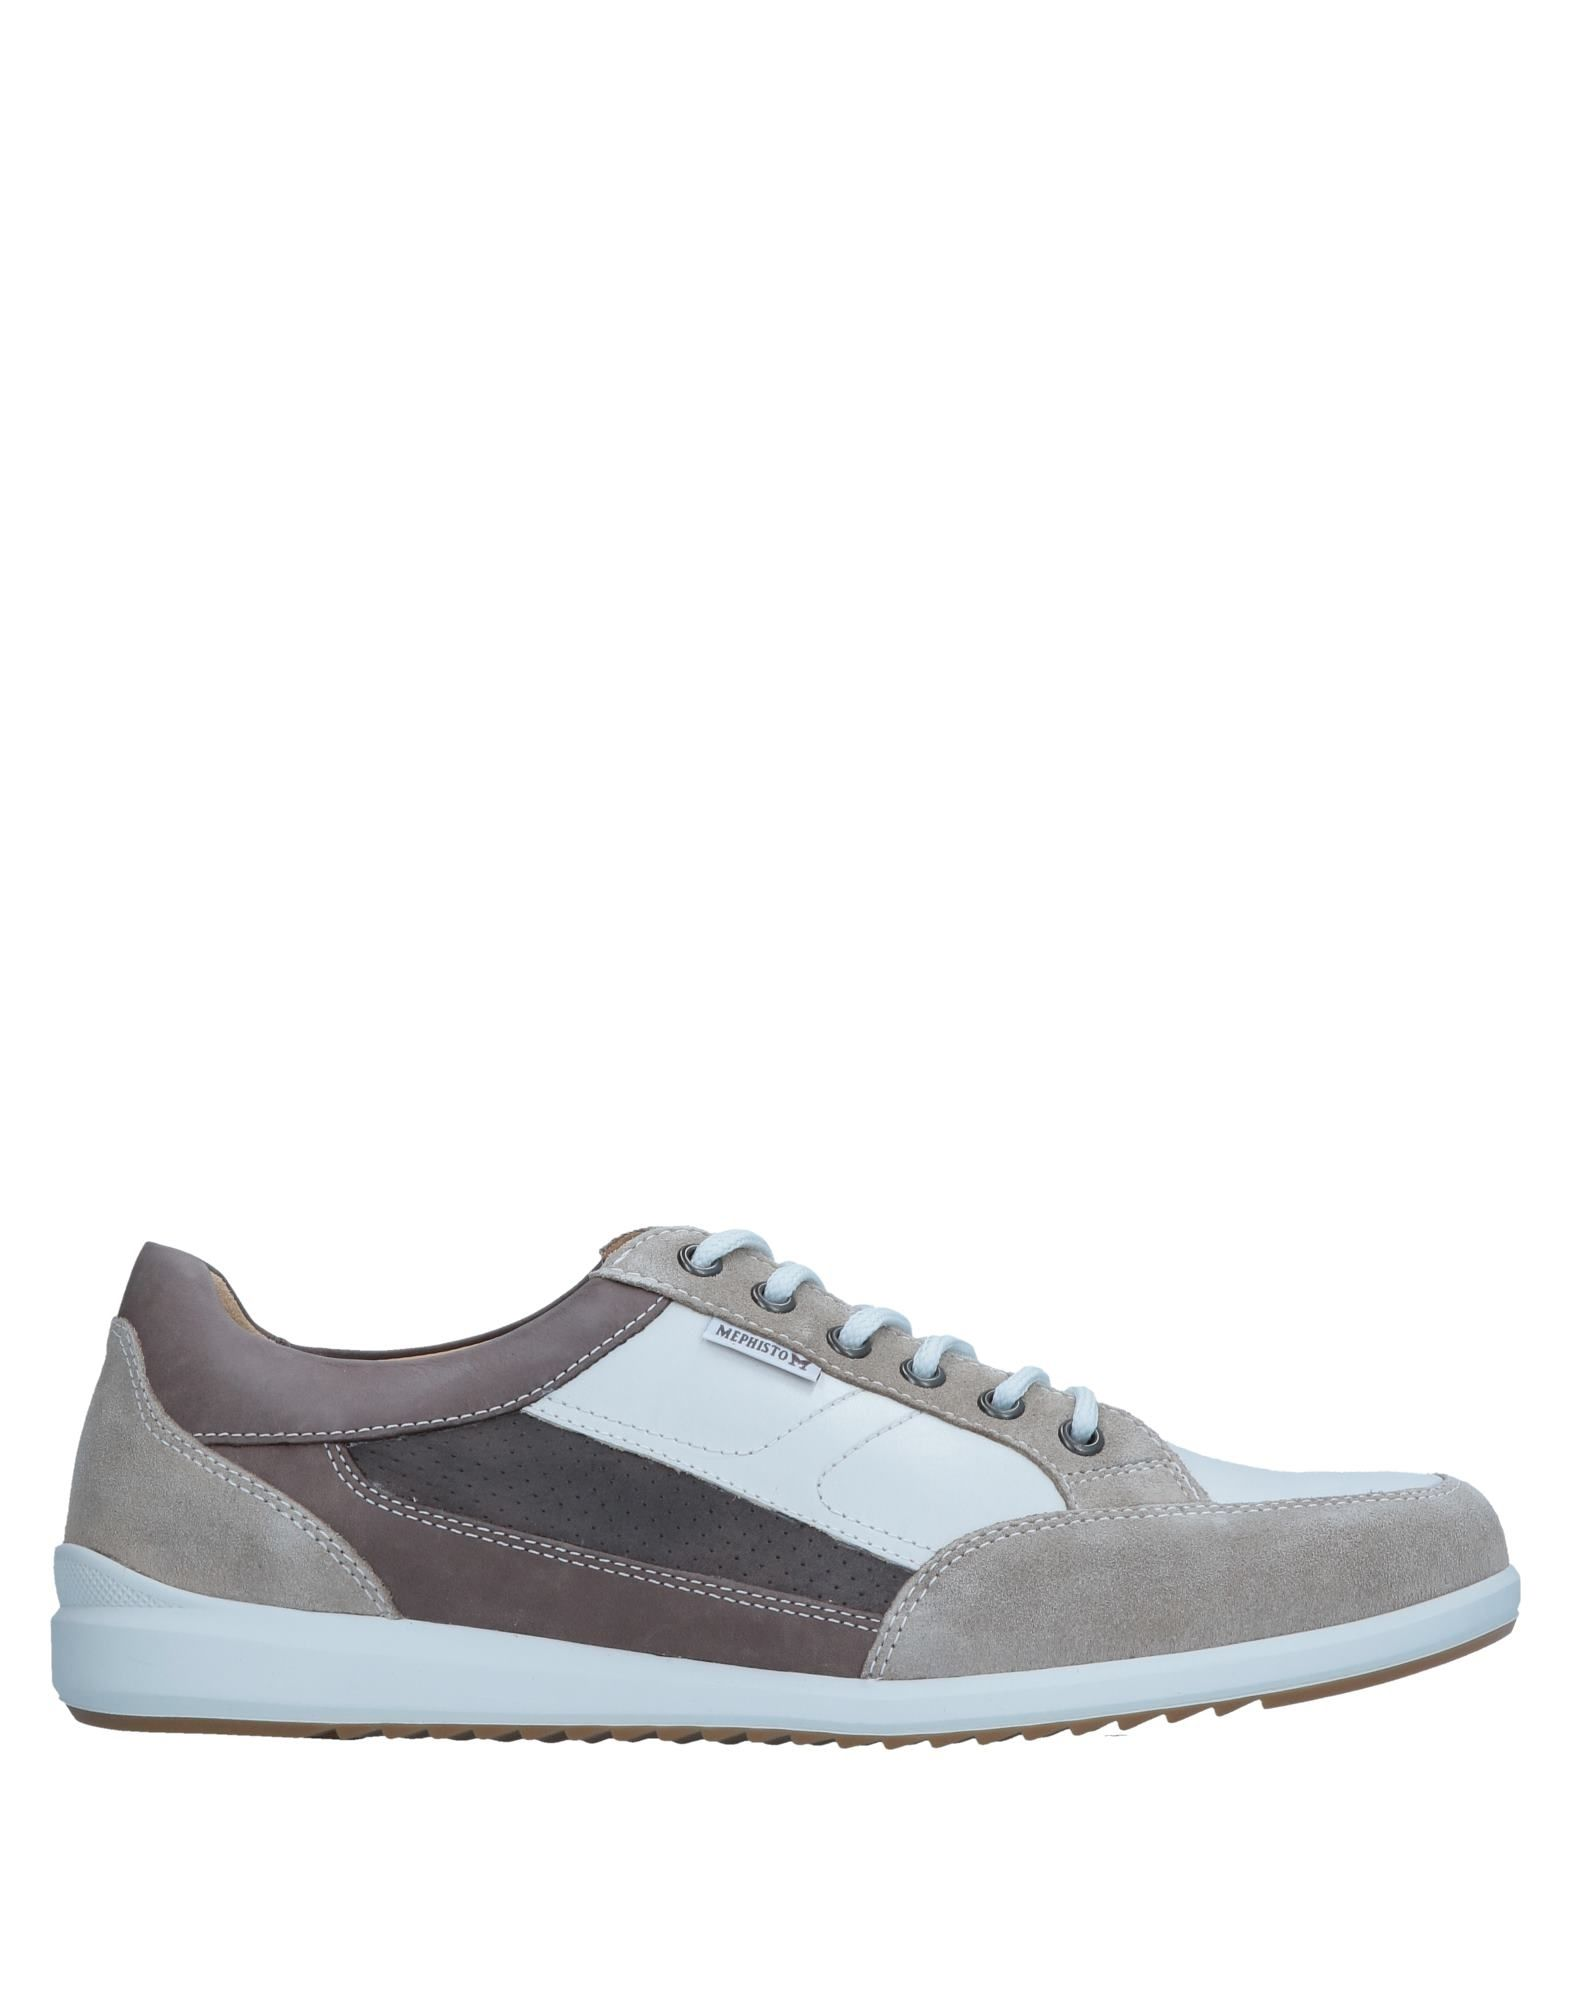 Scarpe economiche e resistenti Sneakers Mephisto Uomo - 11545613GT